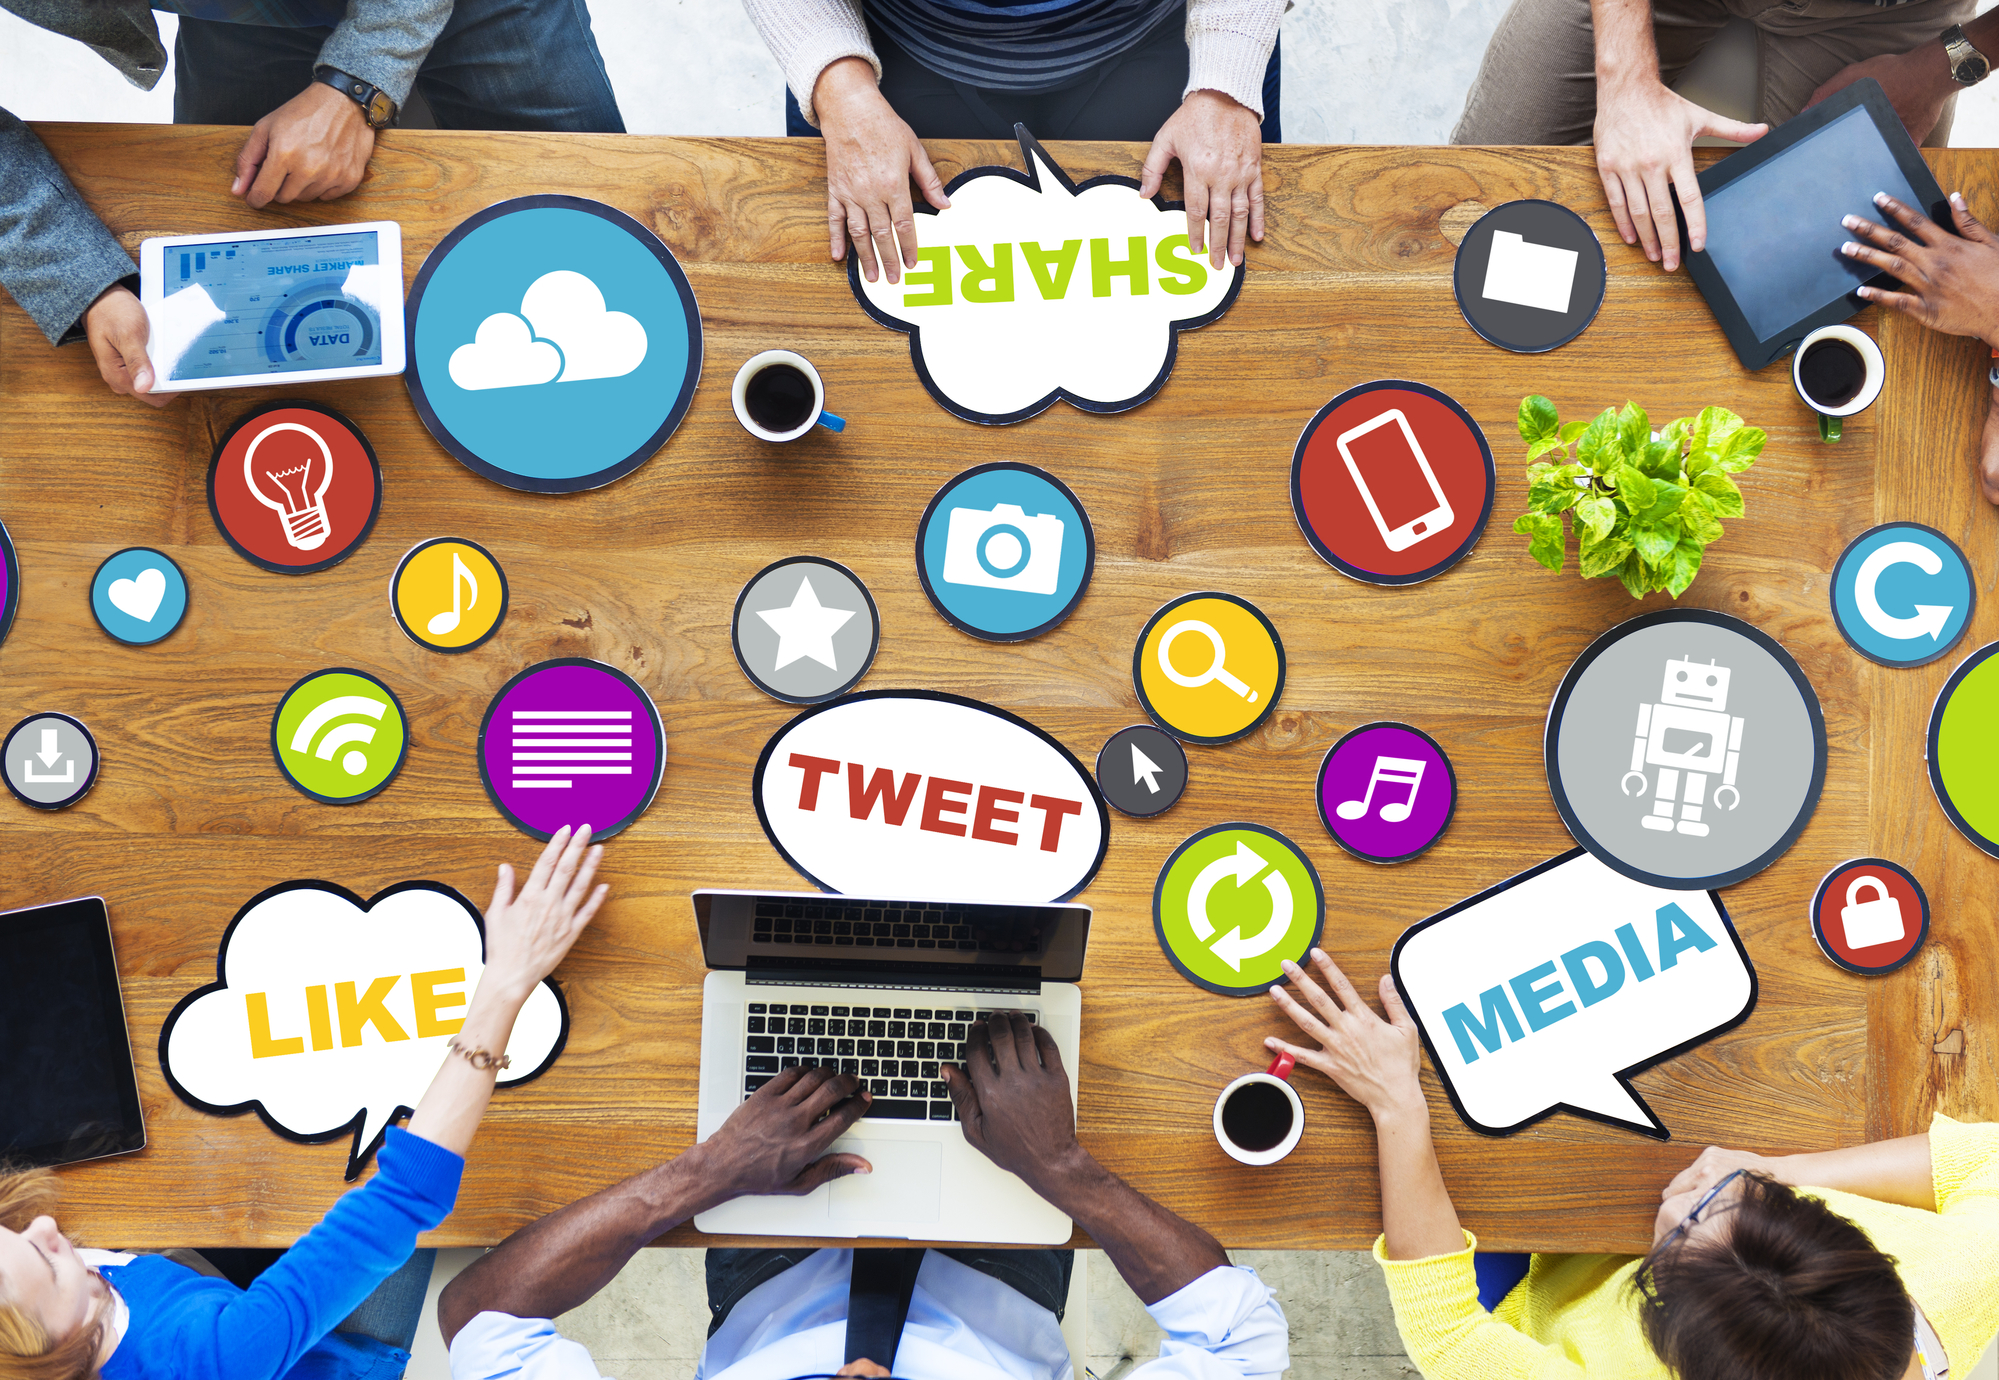 Ignoring Social Media